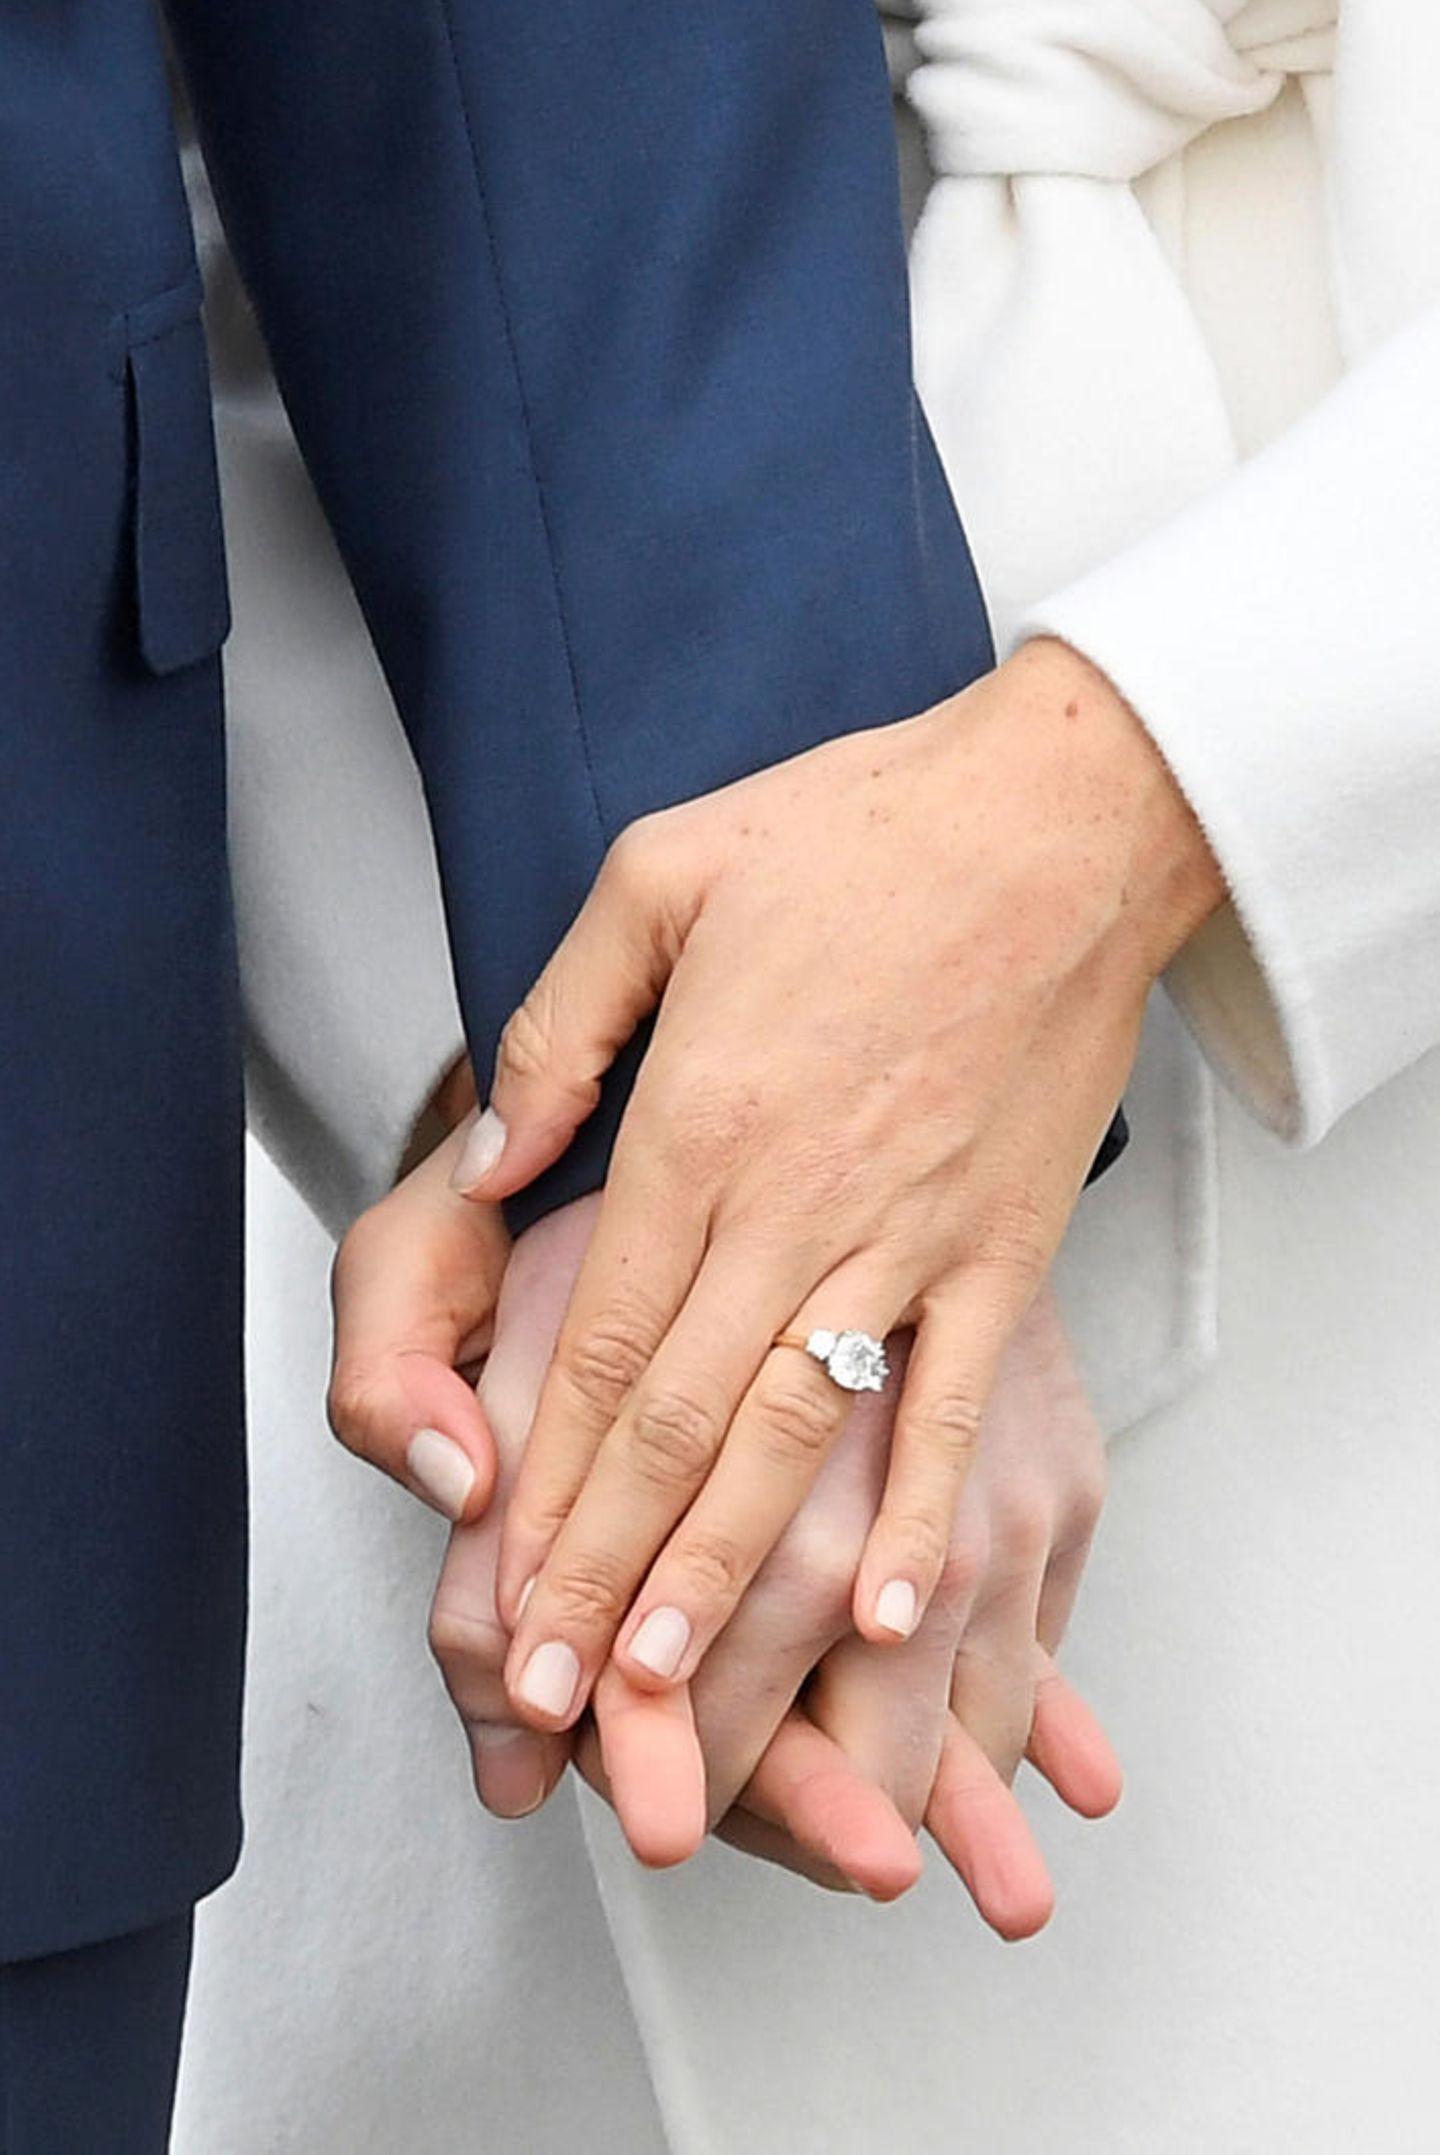 Den Verlobungsring hat Prinz Harry tatsächlich persönlich gestaltet. Der Diamantring funkelt mit einem großen Stein in der Mitte umrandet von zwei kleineren Steinen, die aus einem Schmuckstück von Prinzessin Diana stammen.